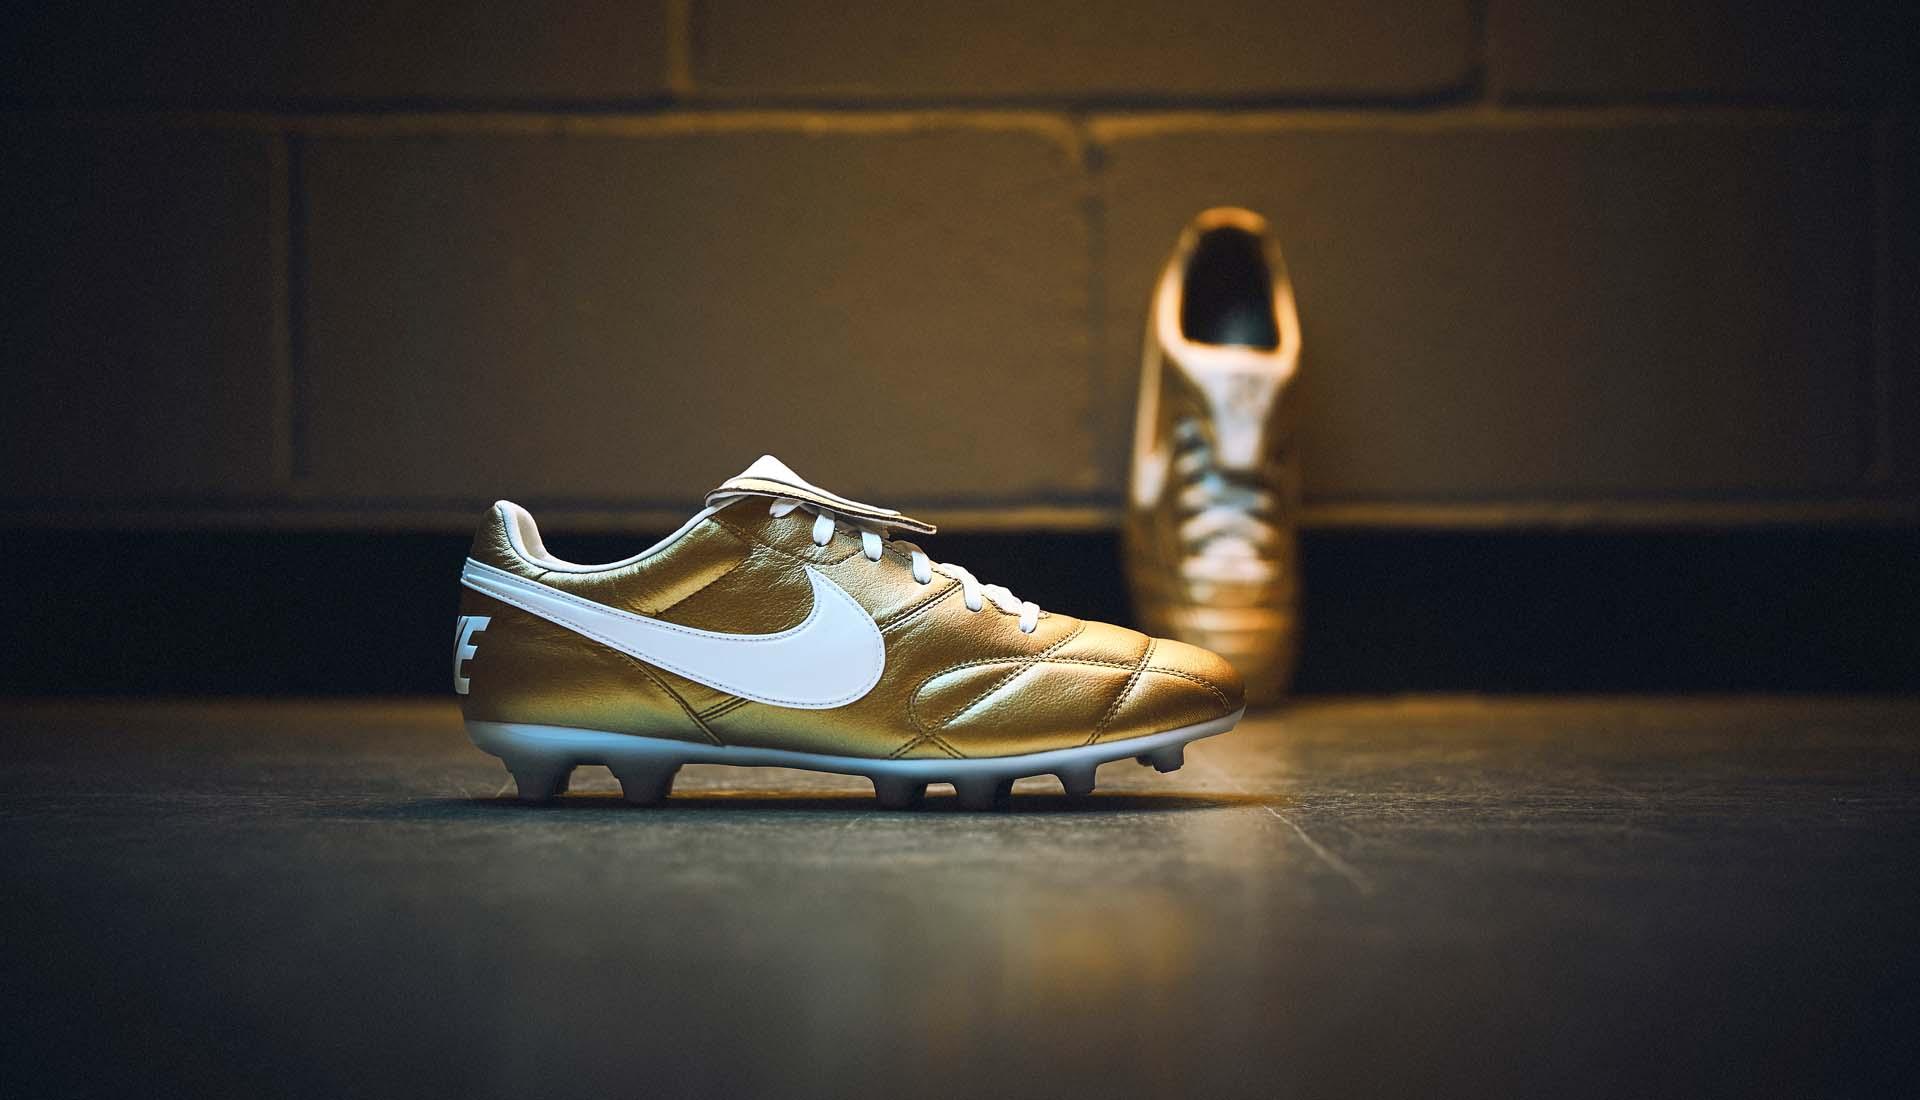 5f0e03a161f7 Nike Launch Premier 2.0